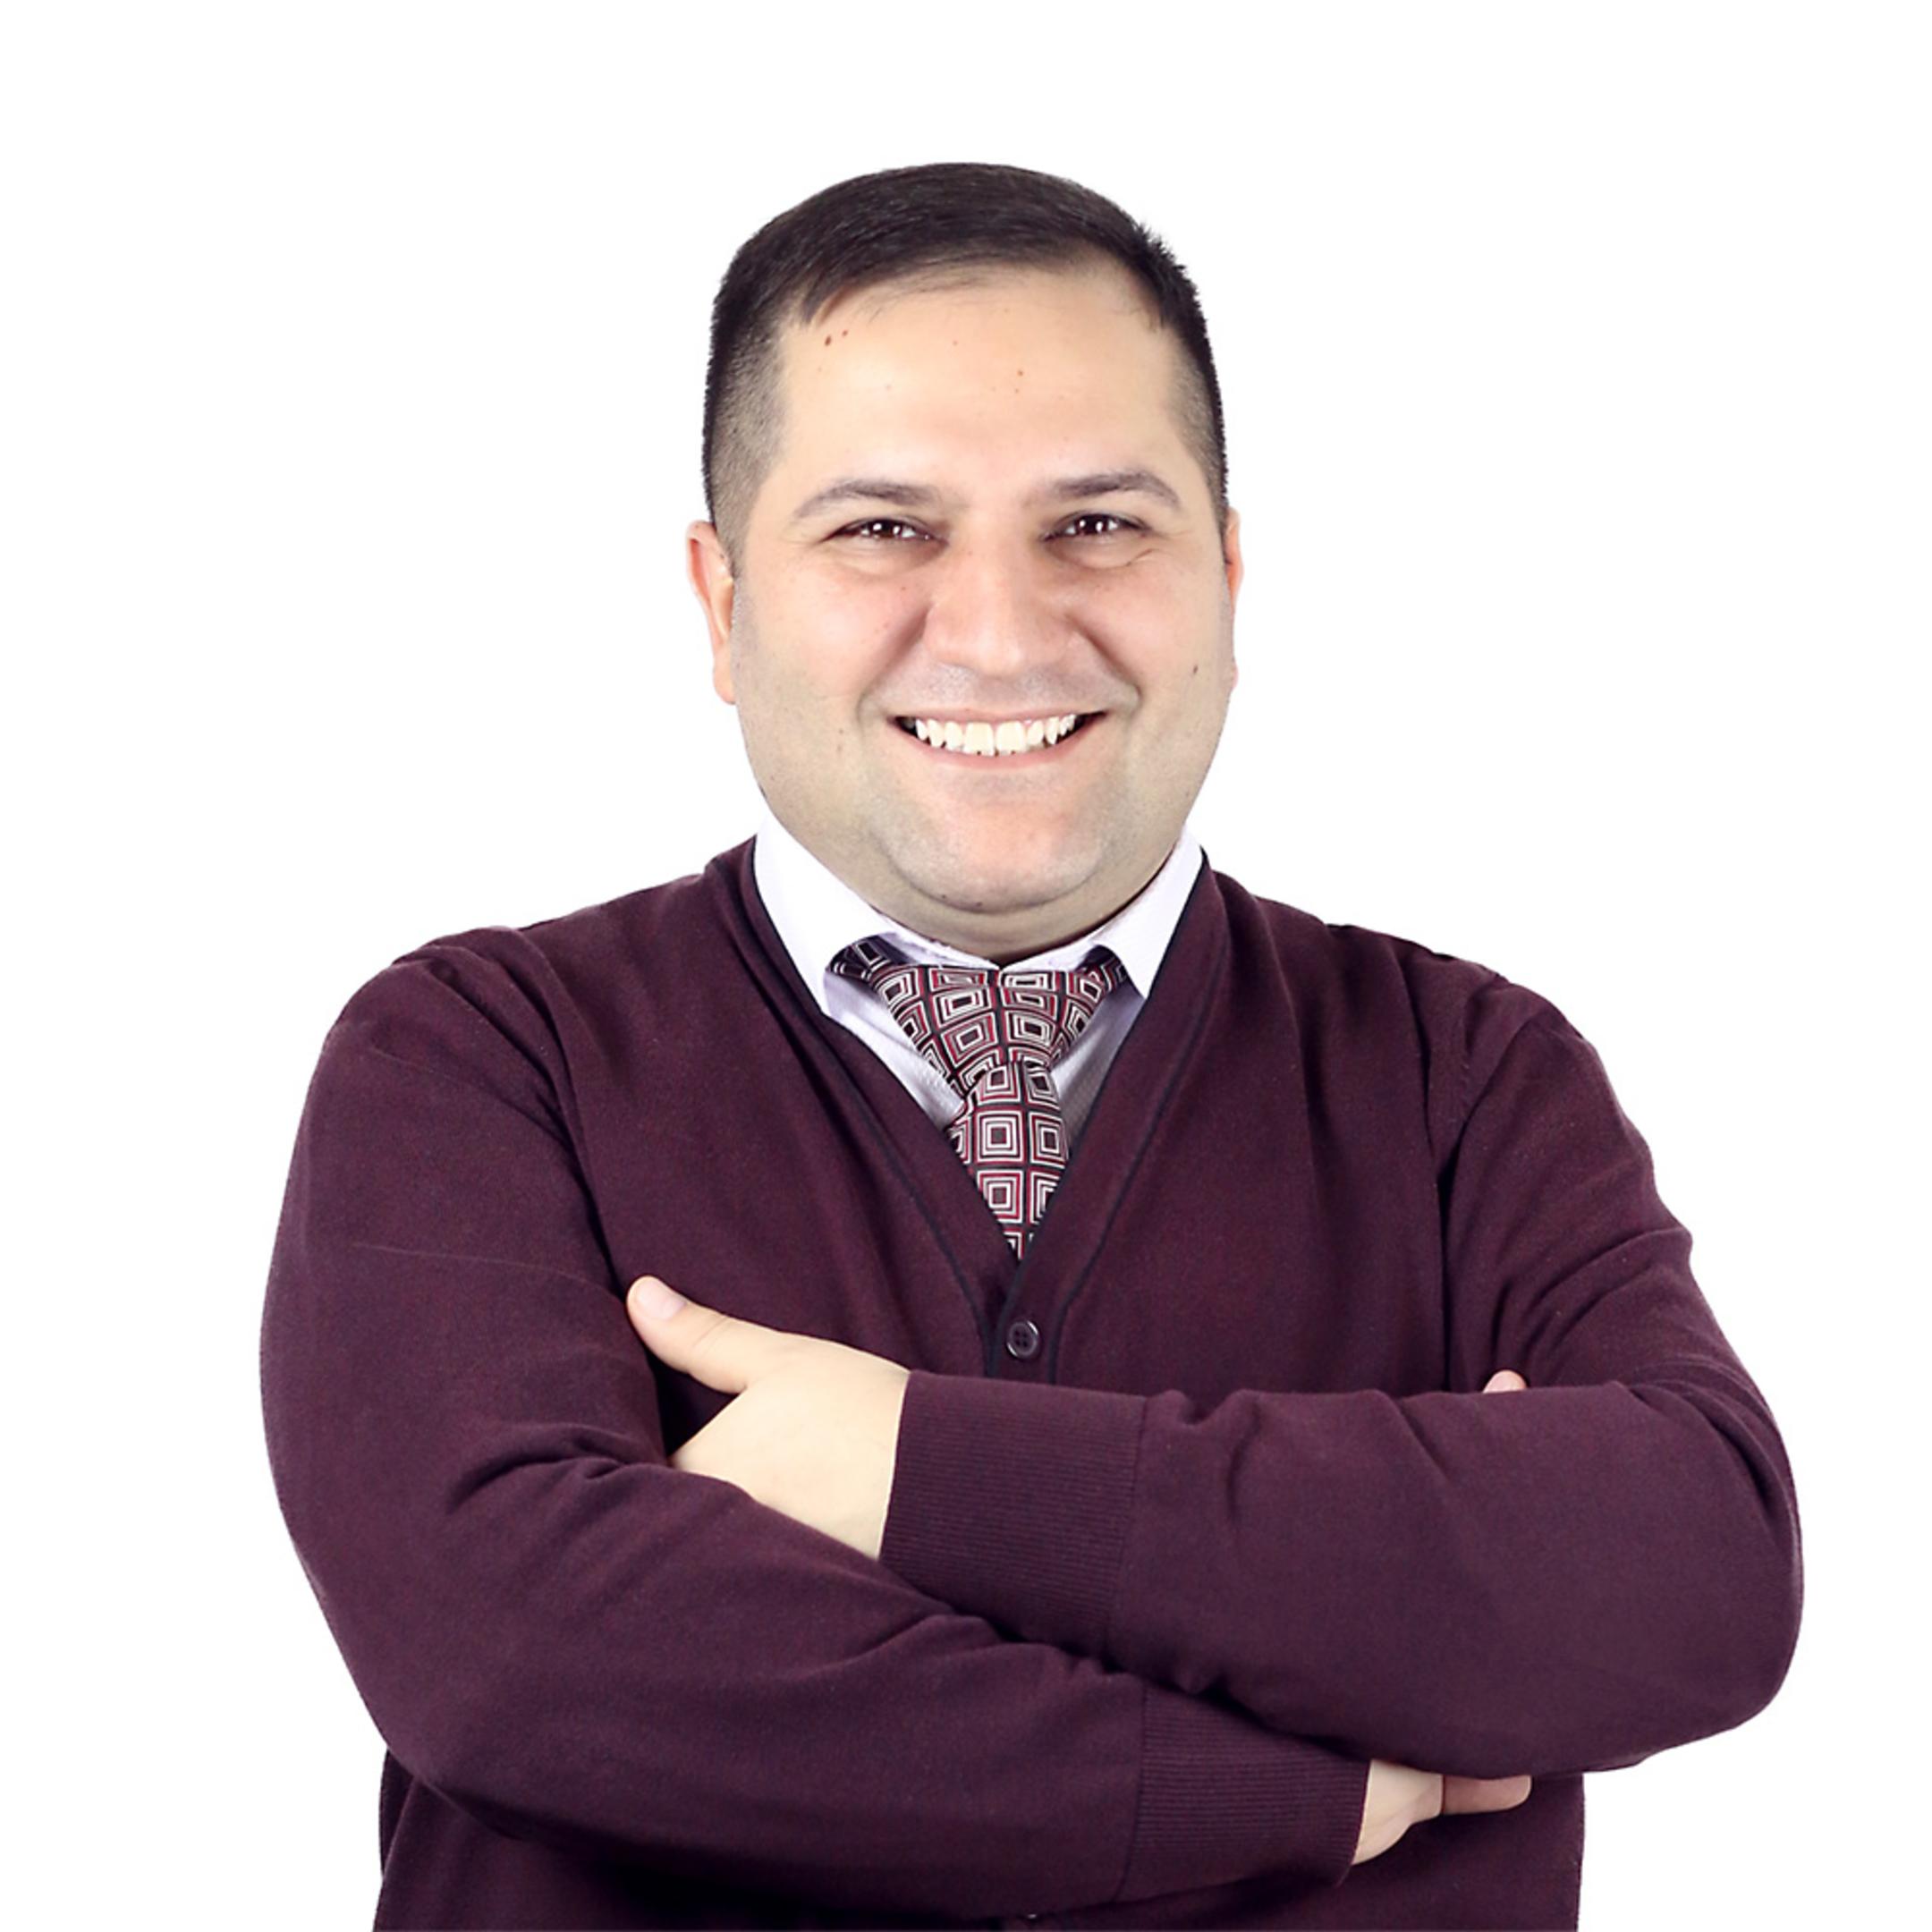 Photo of Ստարտափների զարգացումը կրիտիկական նշանակություն ունի Հայաստանի համար. Գևորգ Պողոսյան